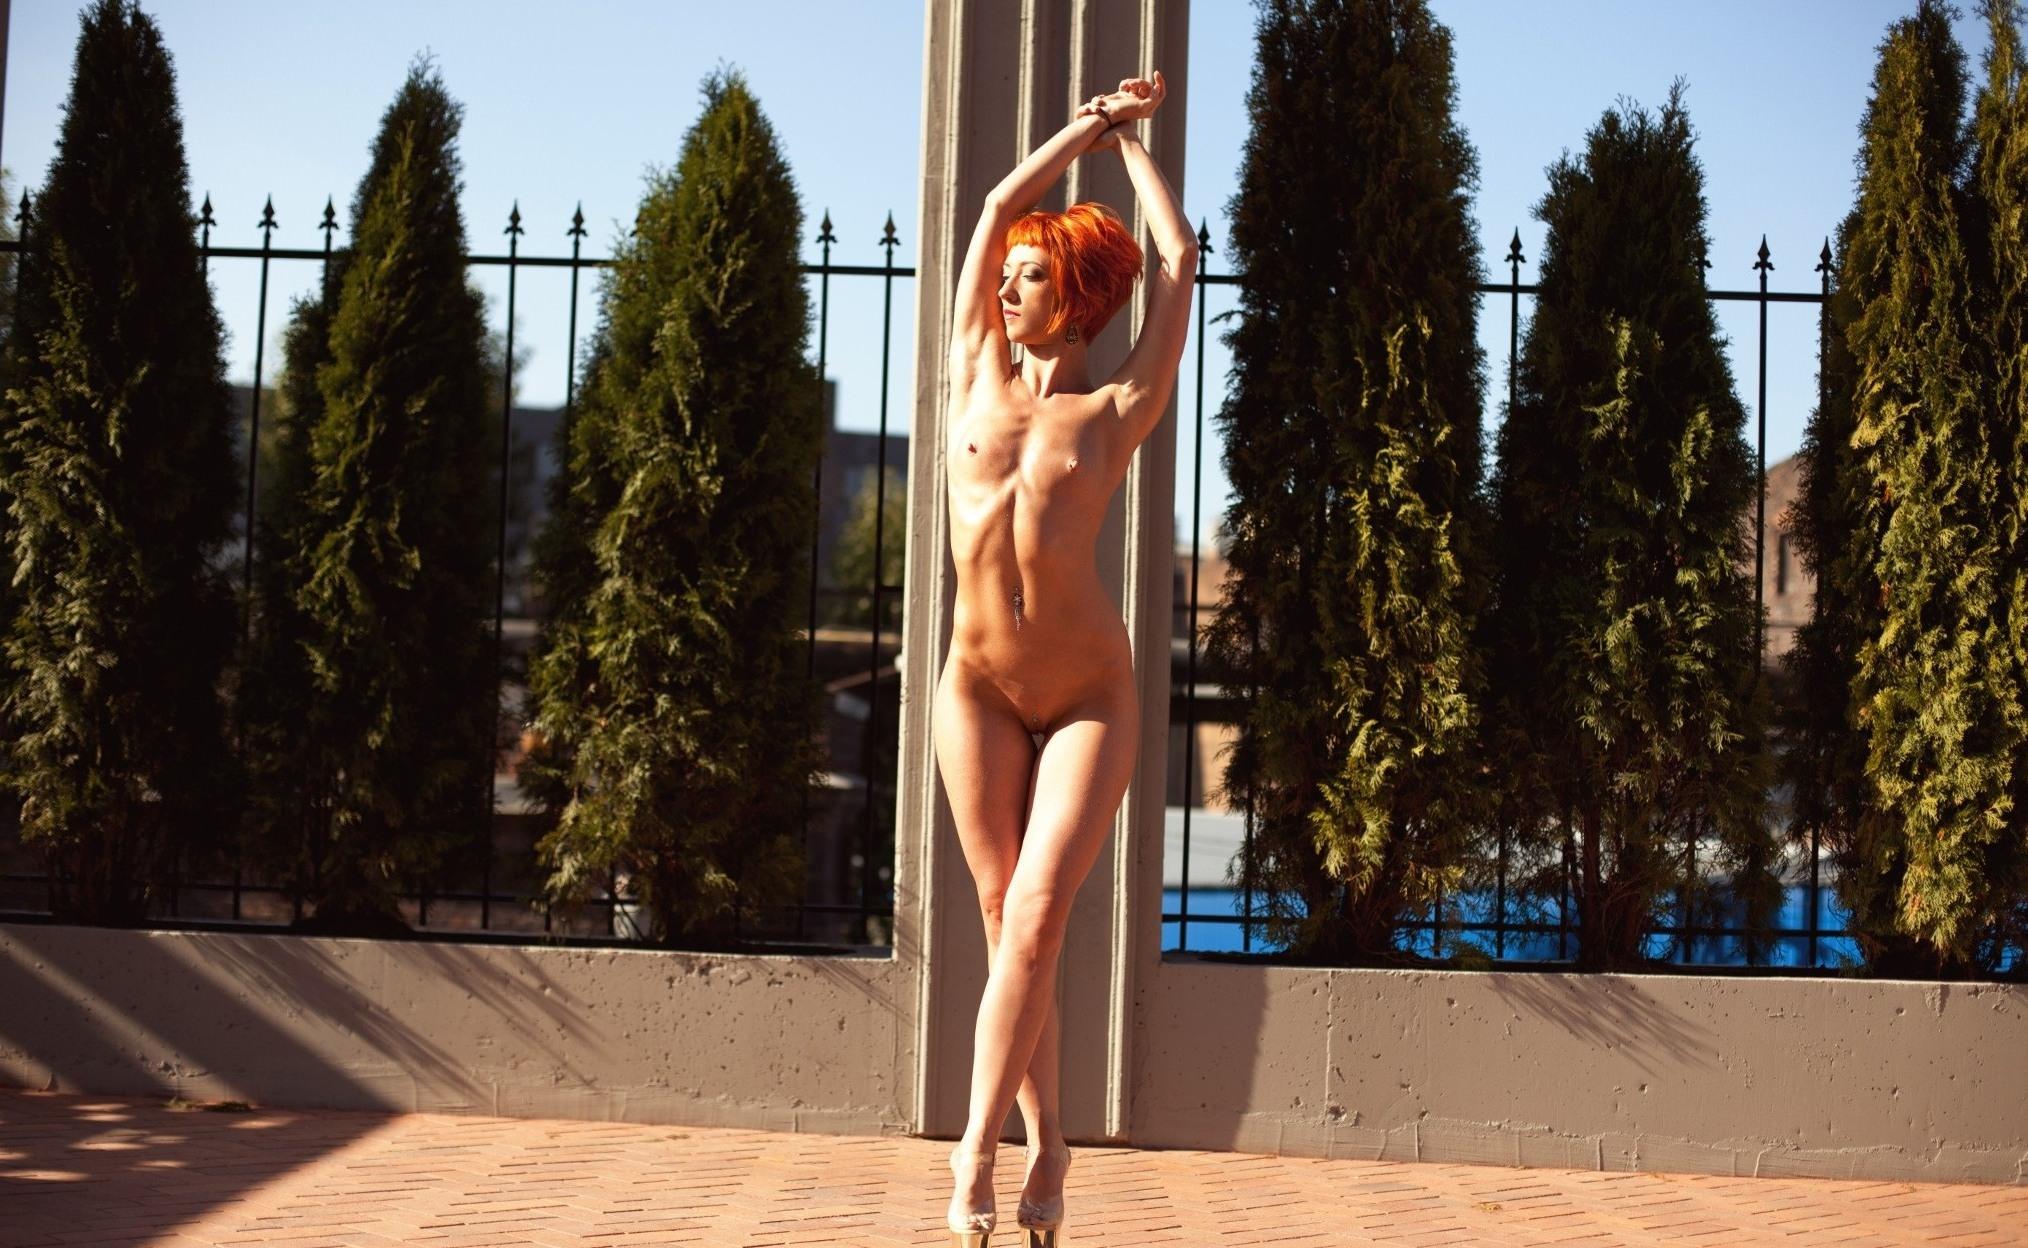 Фото Обнаженная девушка на каблуках вытянулась во весь рост, сексуальное тело, рыжие волосы, прекрасная фигура, скачать картинку бесплатно